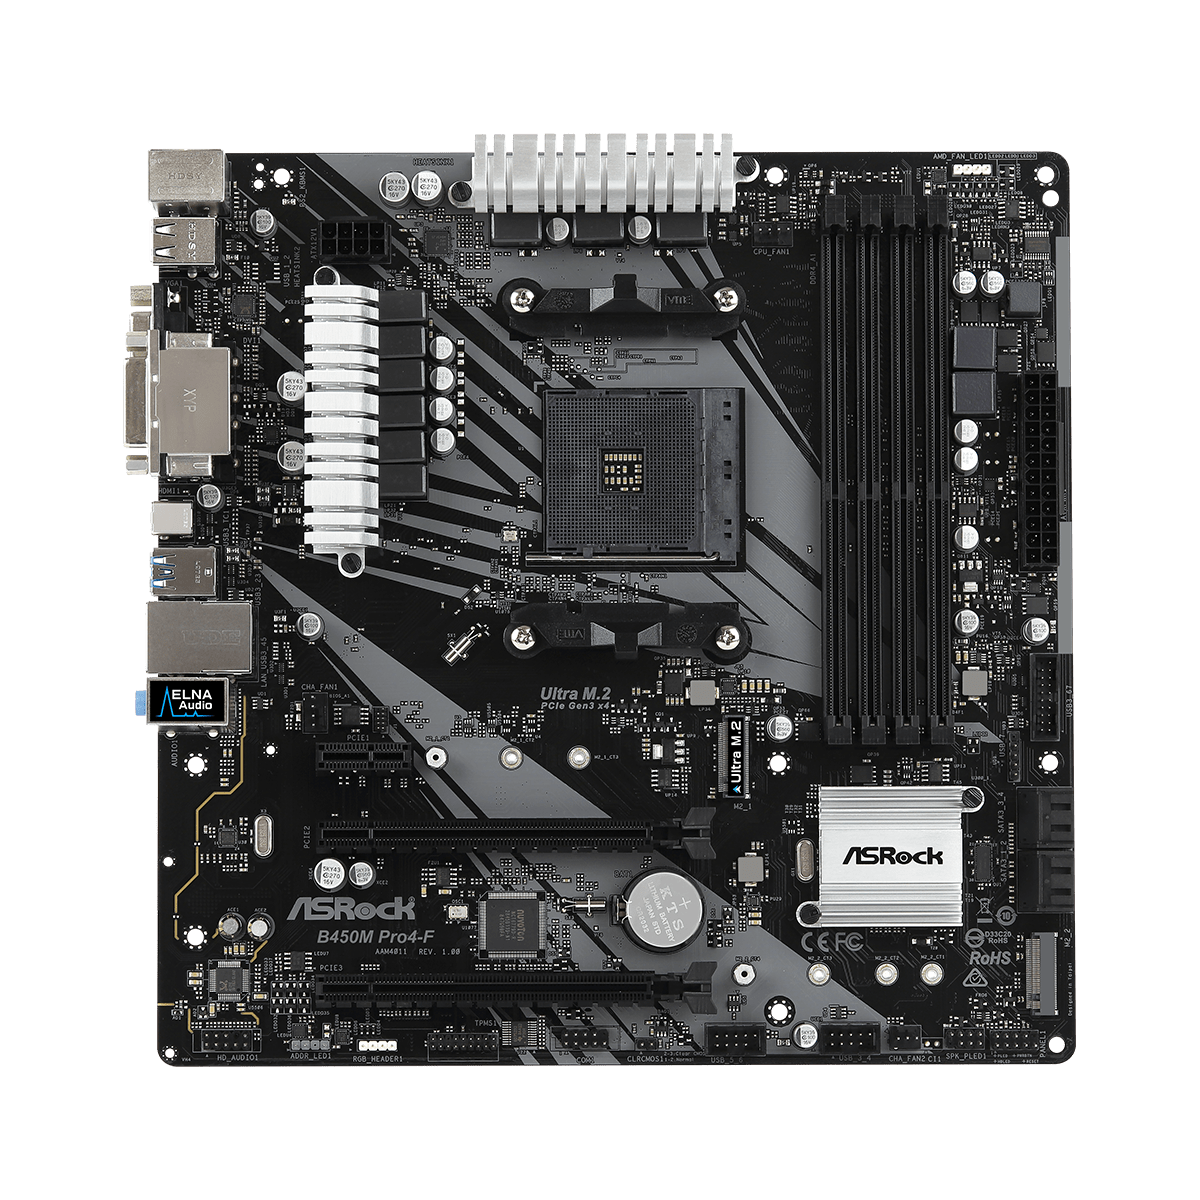 Placa Mãe ASRock B450M PRO4F, Chipset B450, AMD AM4, mATX, DDR4 - Open Box